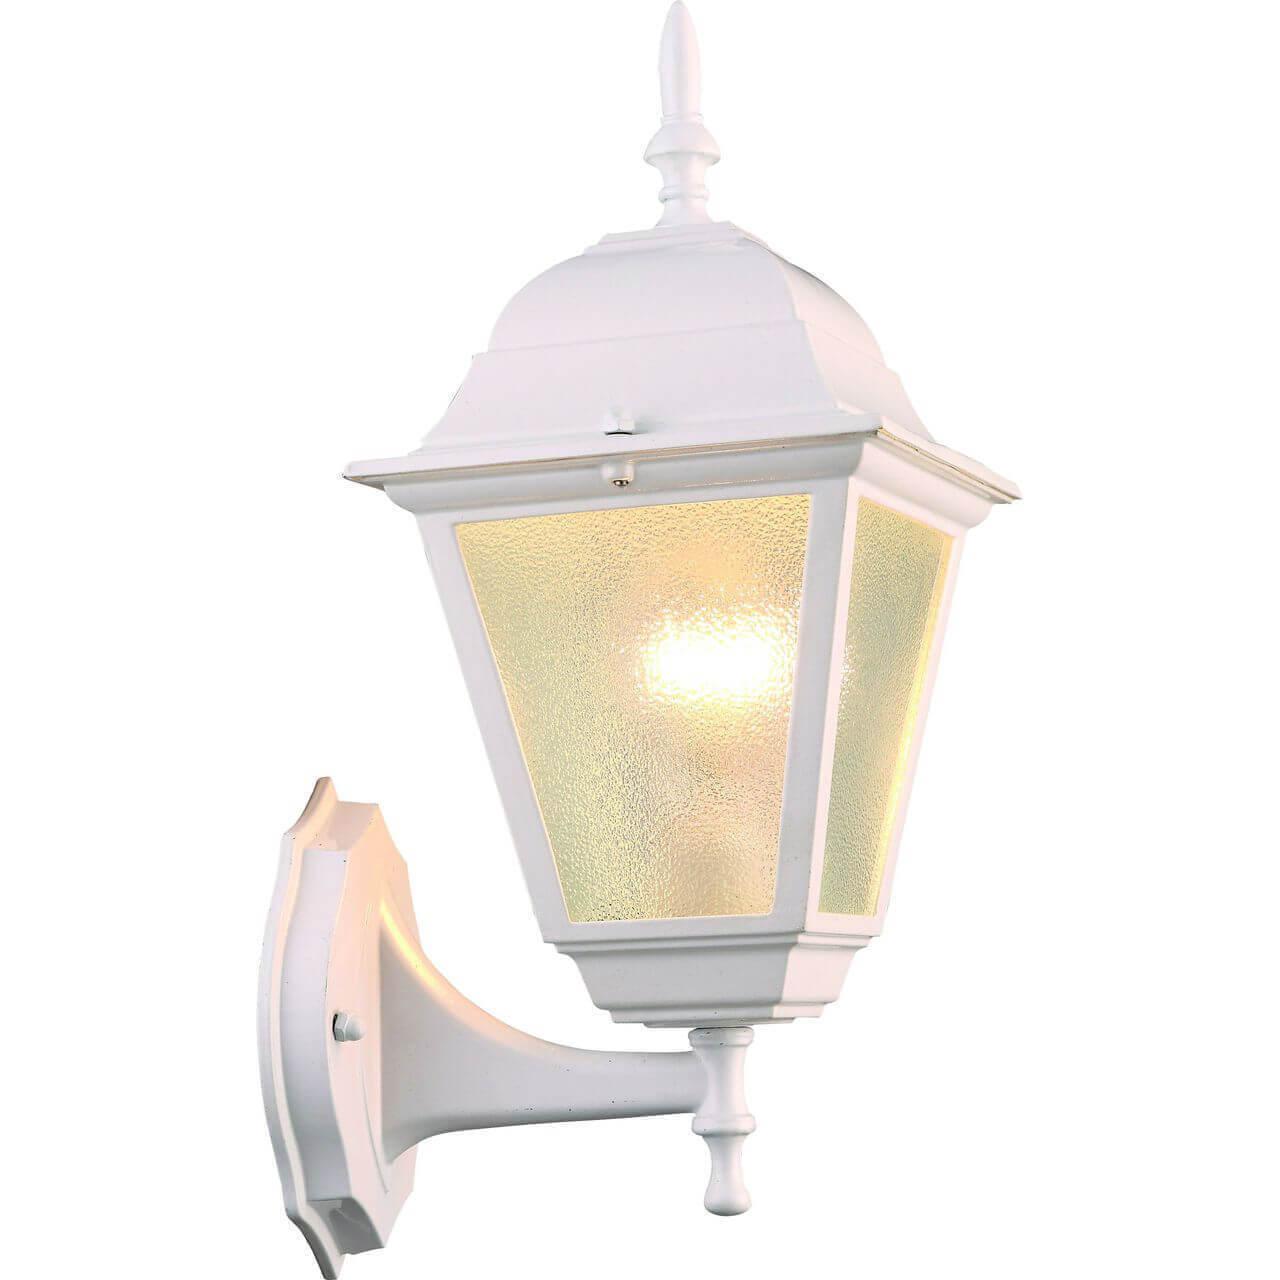 Уличный настенный светильник Arte Lamp Bremen A1011AL-1WH уличный светильник artelamp bremen a1011al 1wh